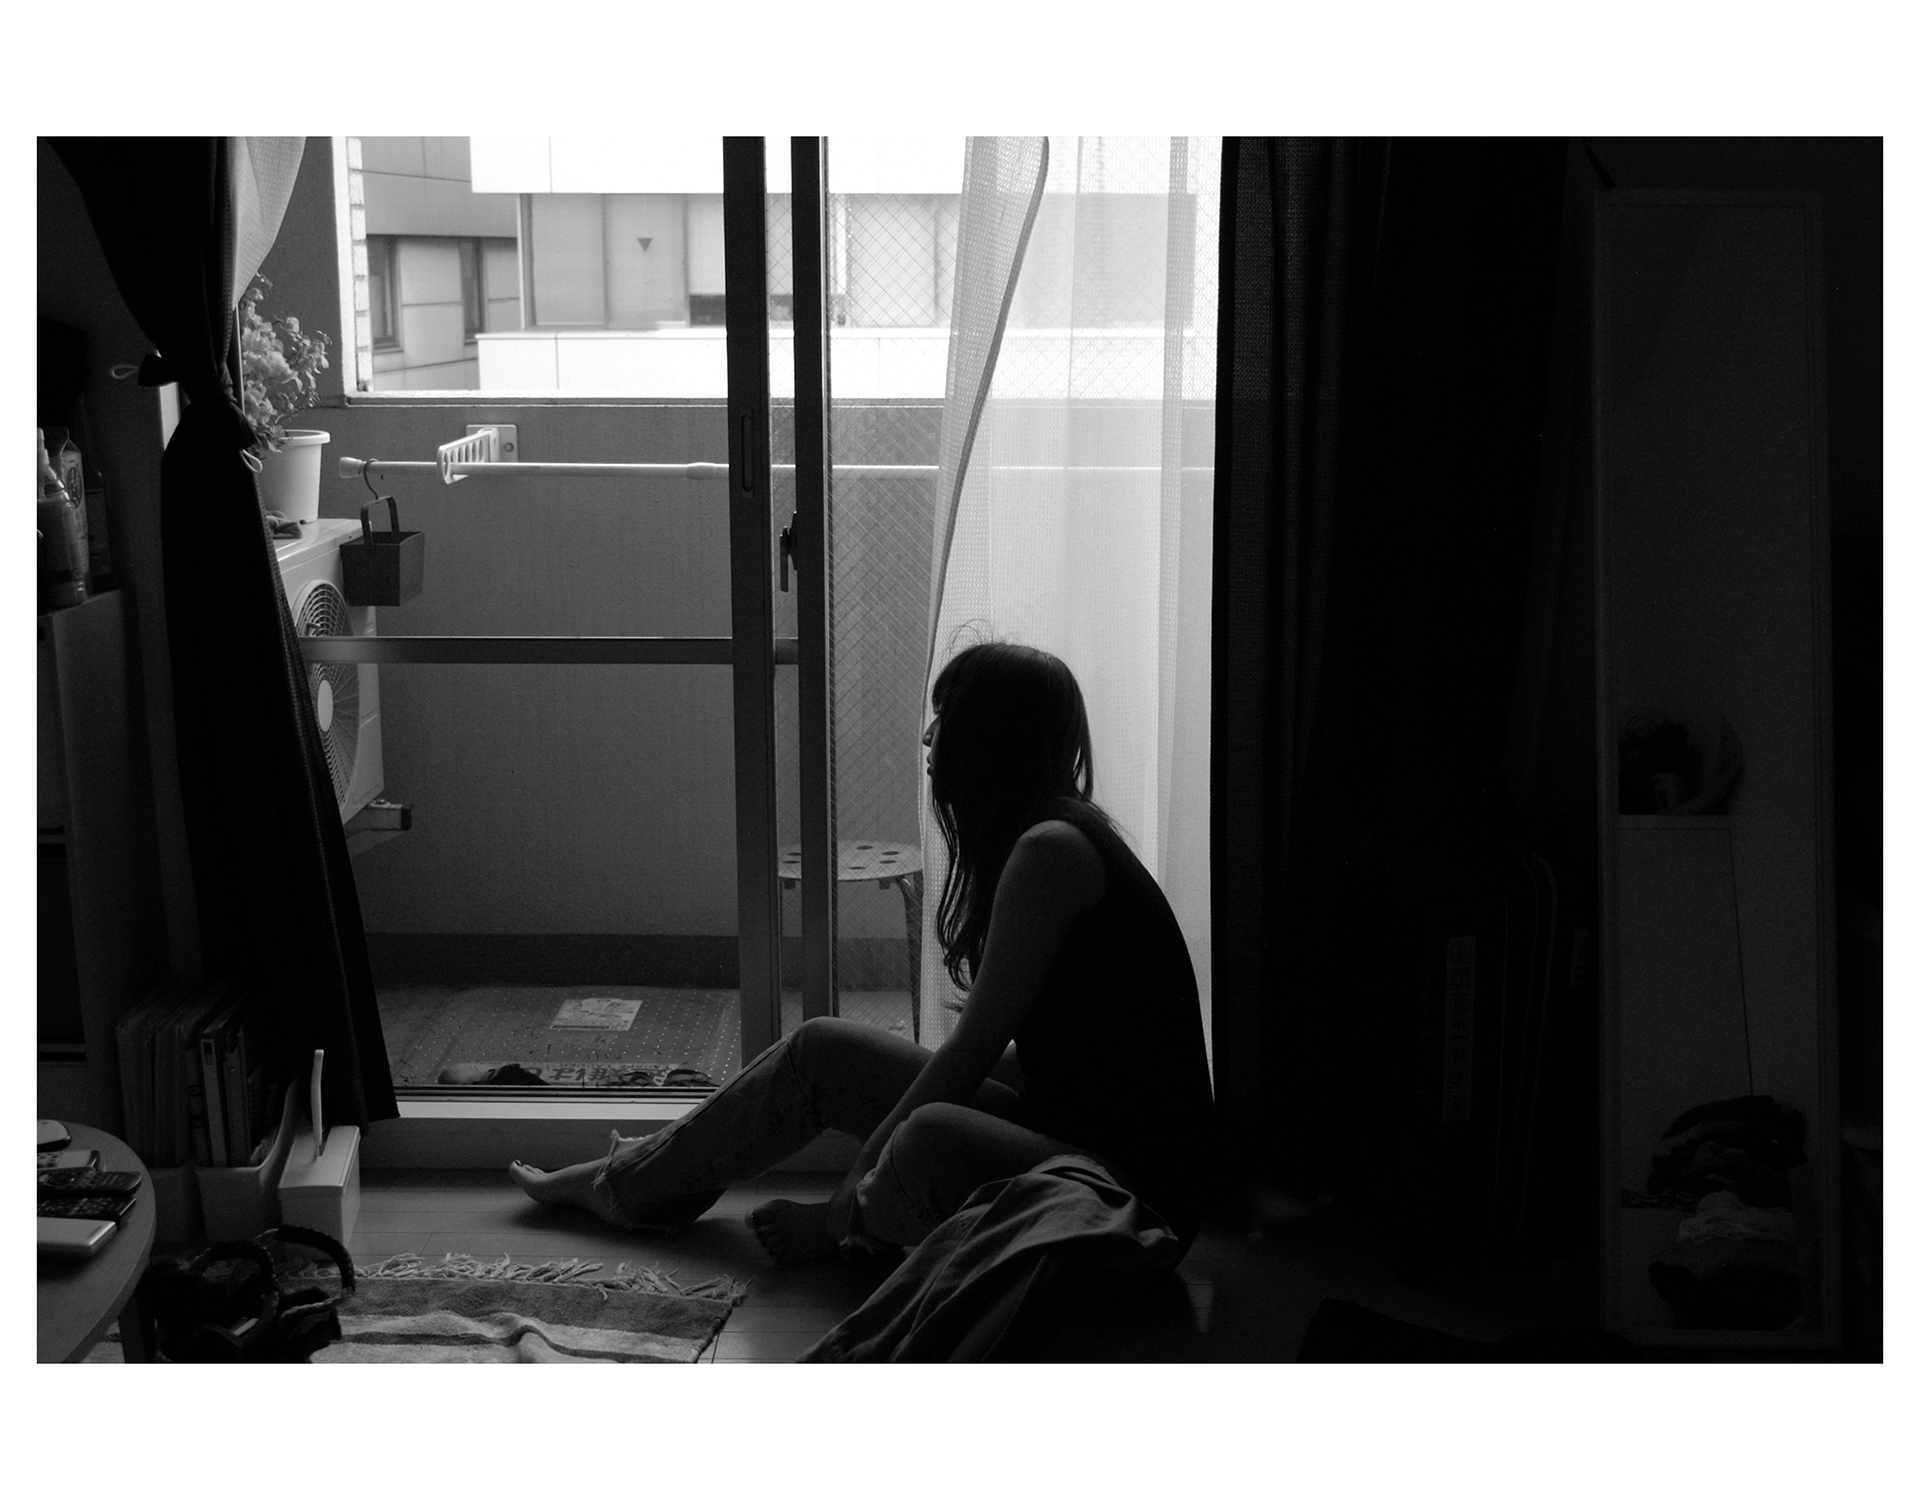 竹田 憲司 | Kenji Takeda